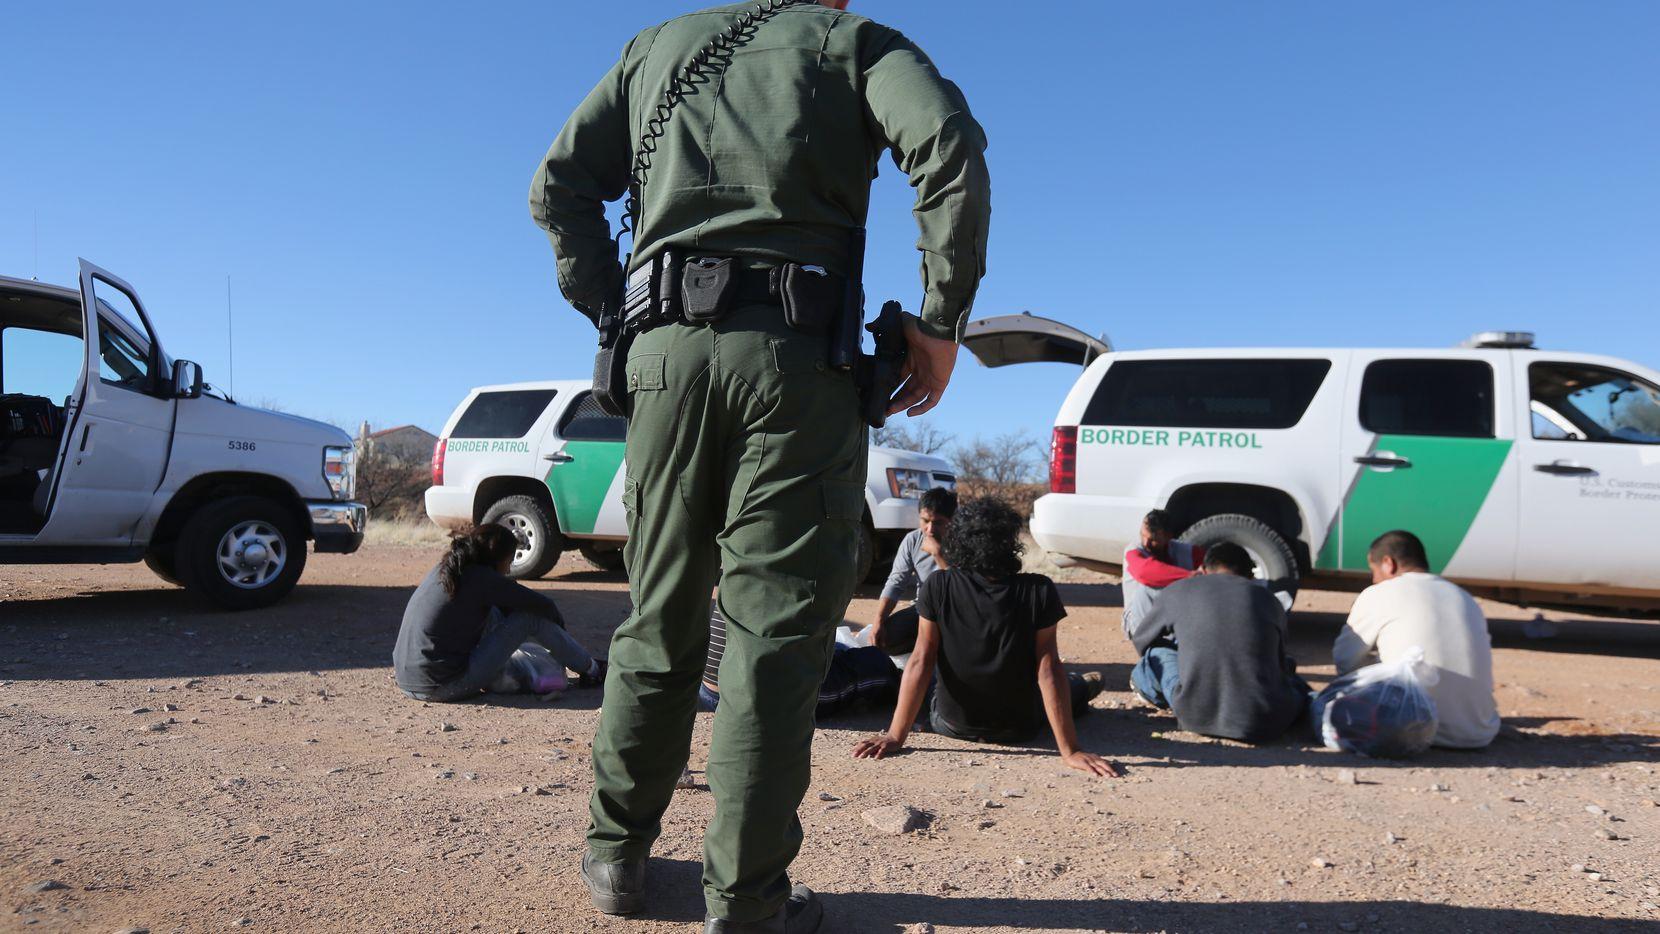 Un agente de la Patrulla Fronteriza vigila a un grupo de inmigrantes detenidos en la zona de Walker Canyon, al sur de Arizona.